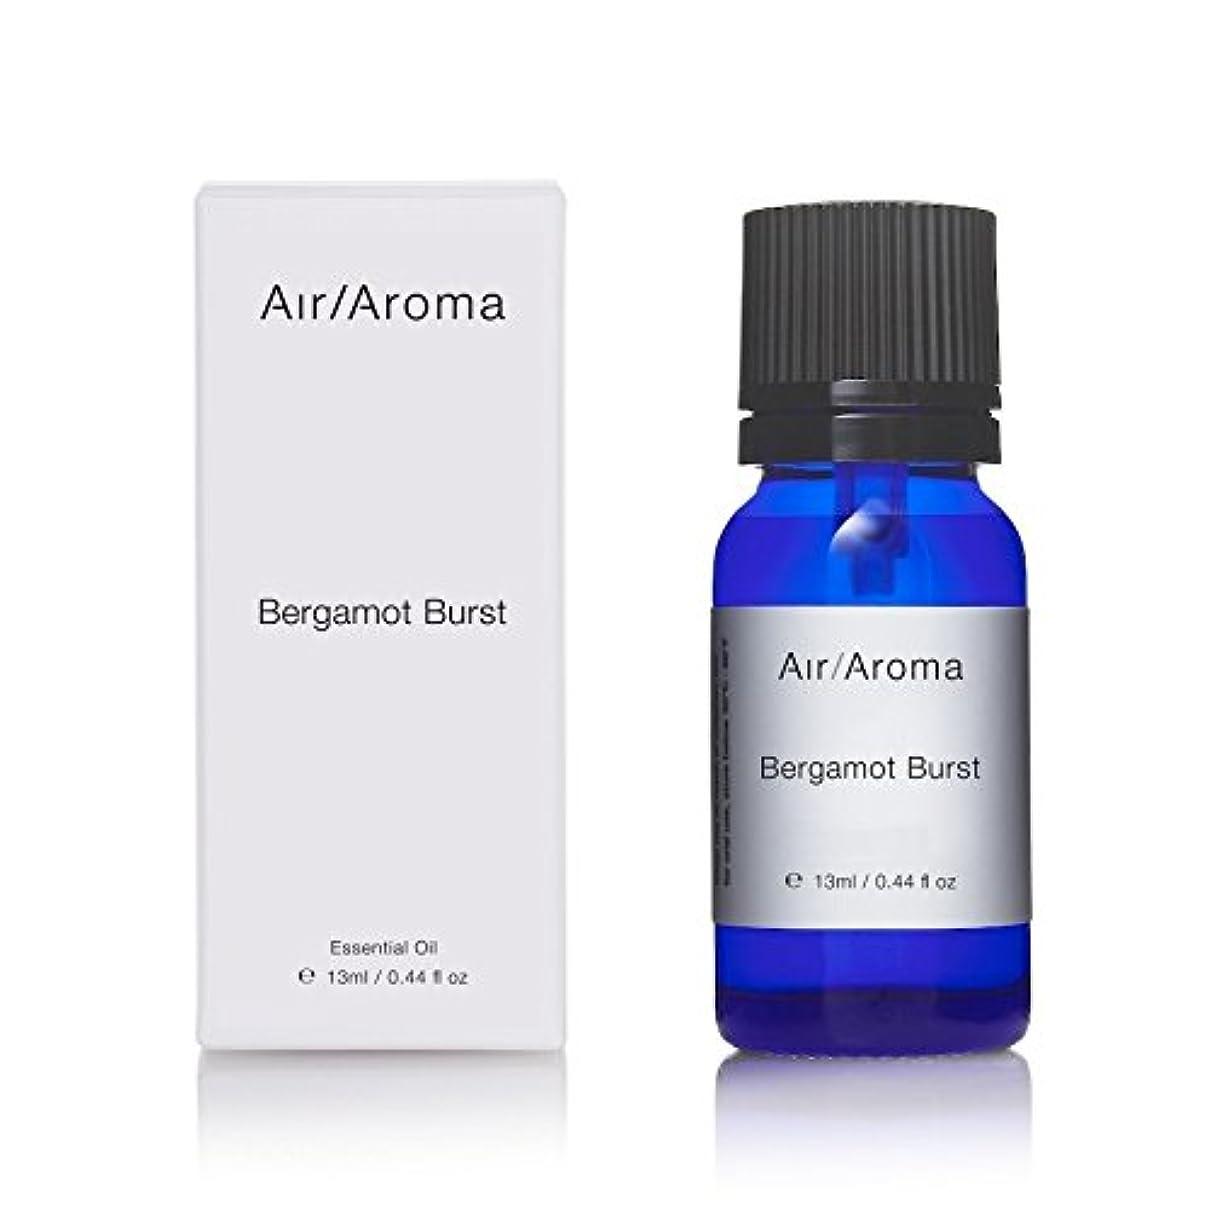 偉業逮捕検索エンジンマーケティングエアアロマ bergamot burst (ベルガモットバースト) 13ml